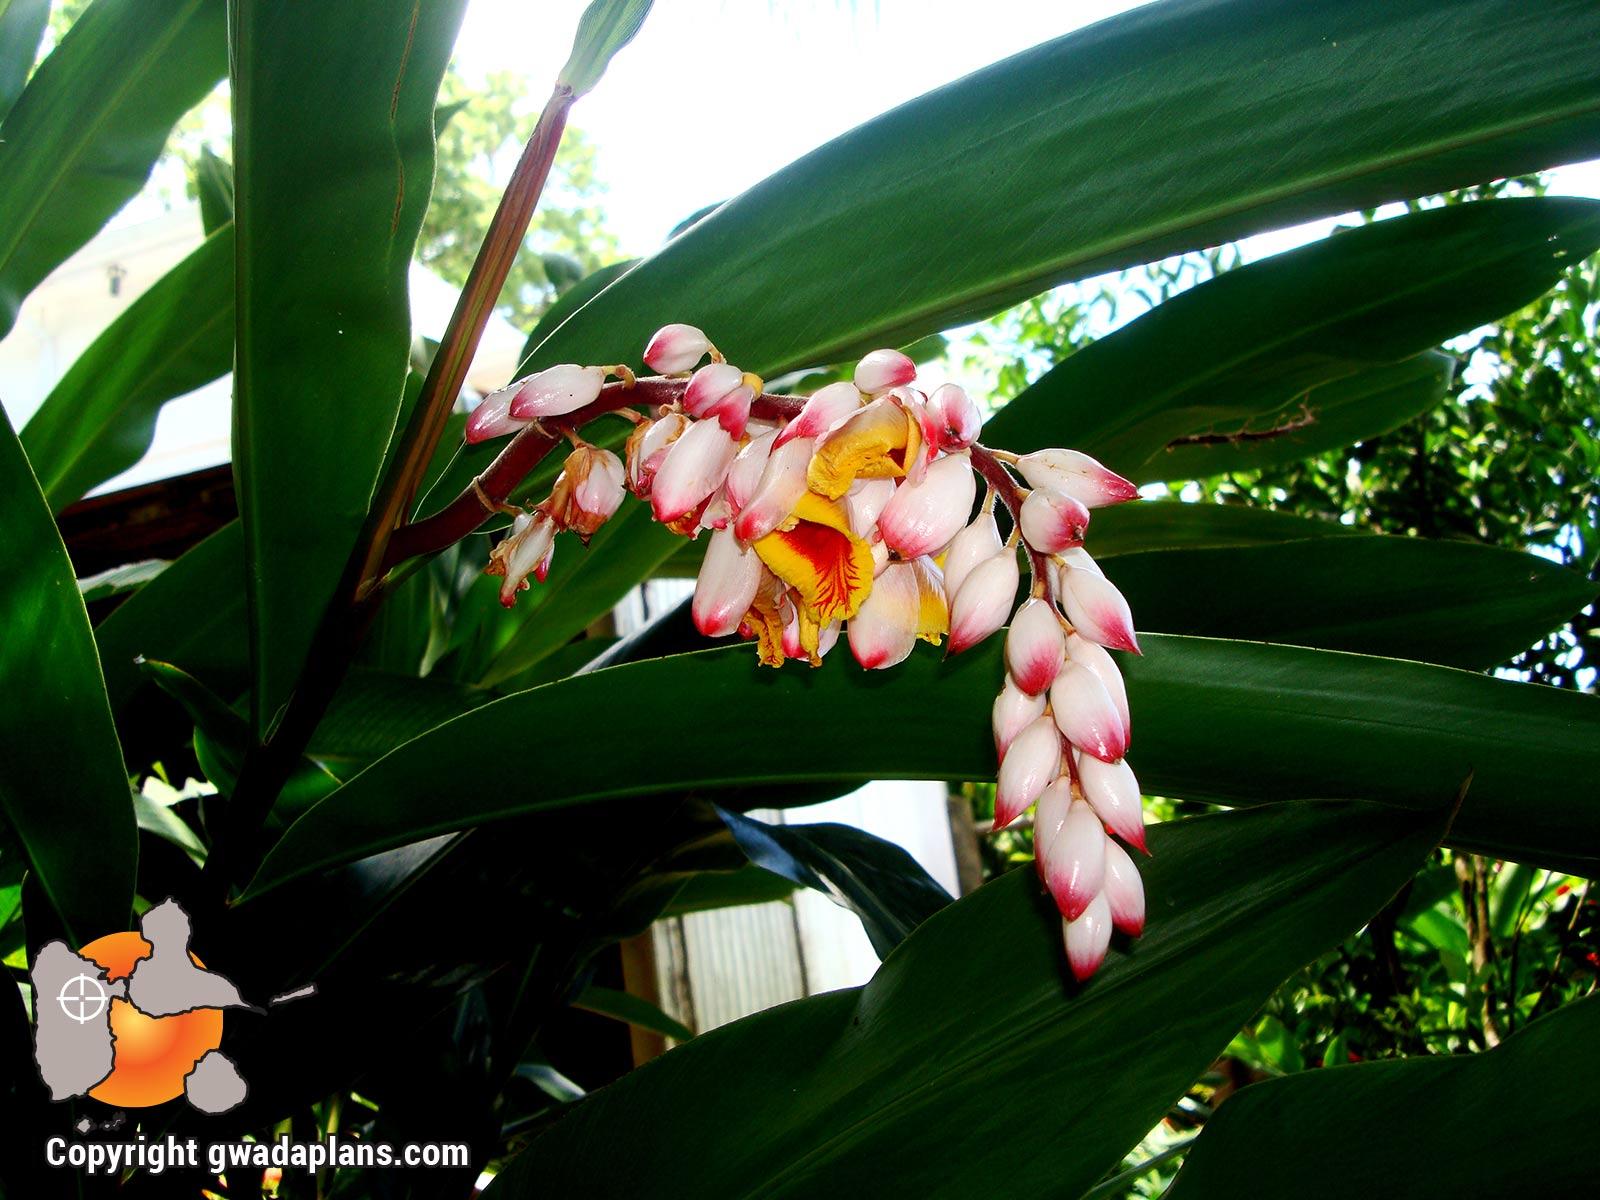 A tout maux - Fleurs tropicales